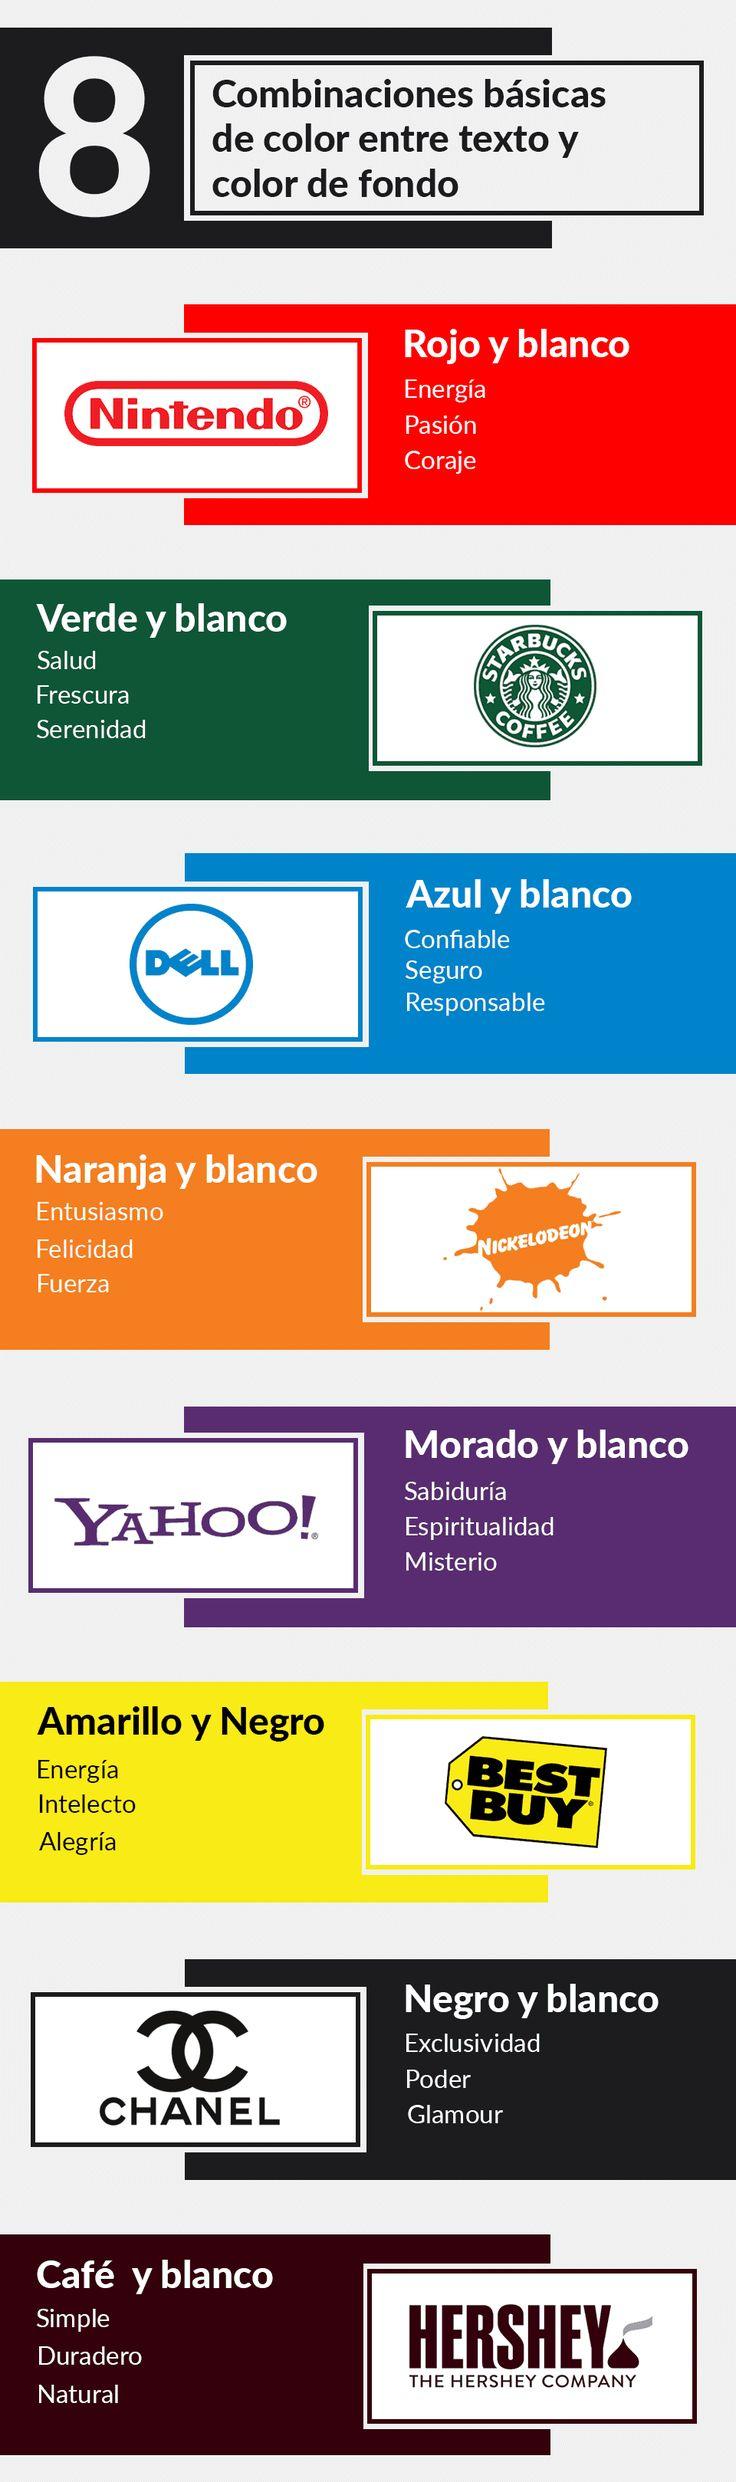 Combinaciones básicas de color entre texto y color de fondo Infografía